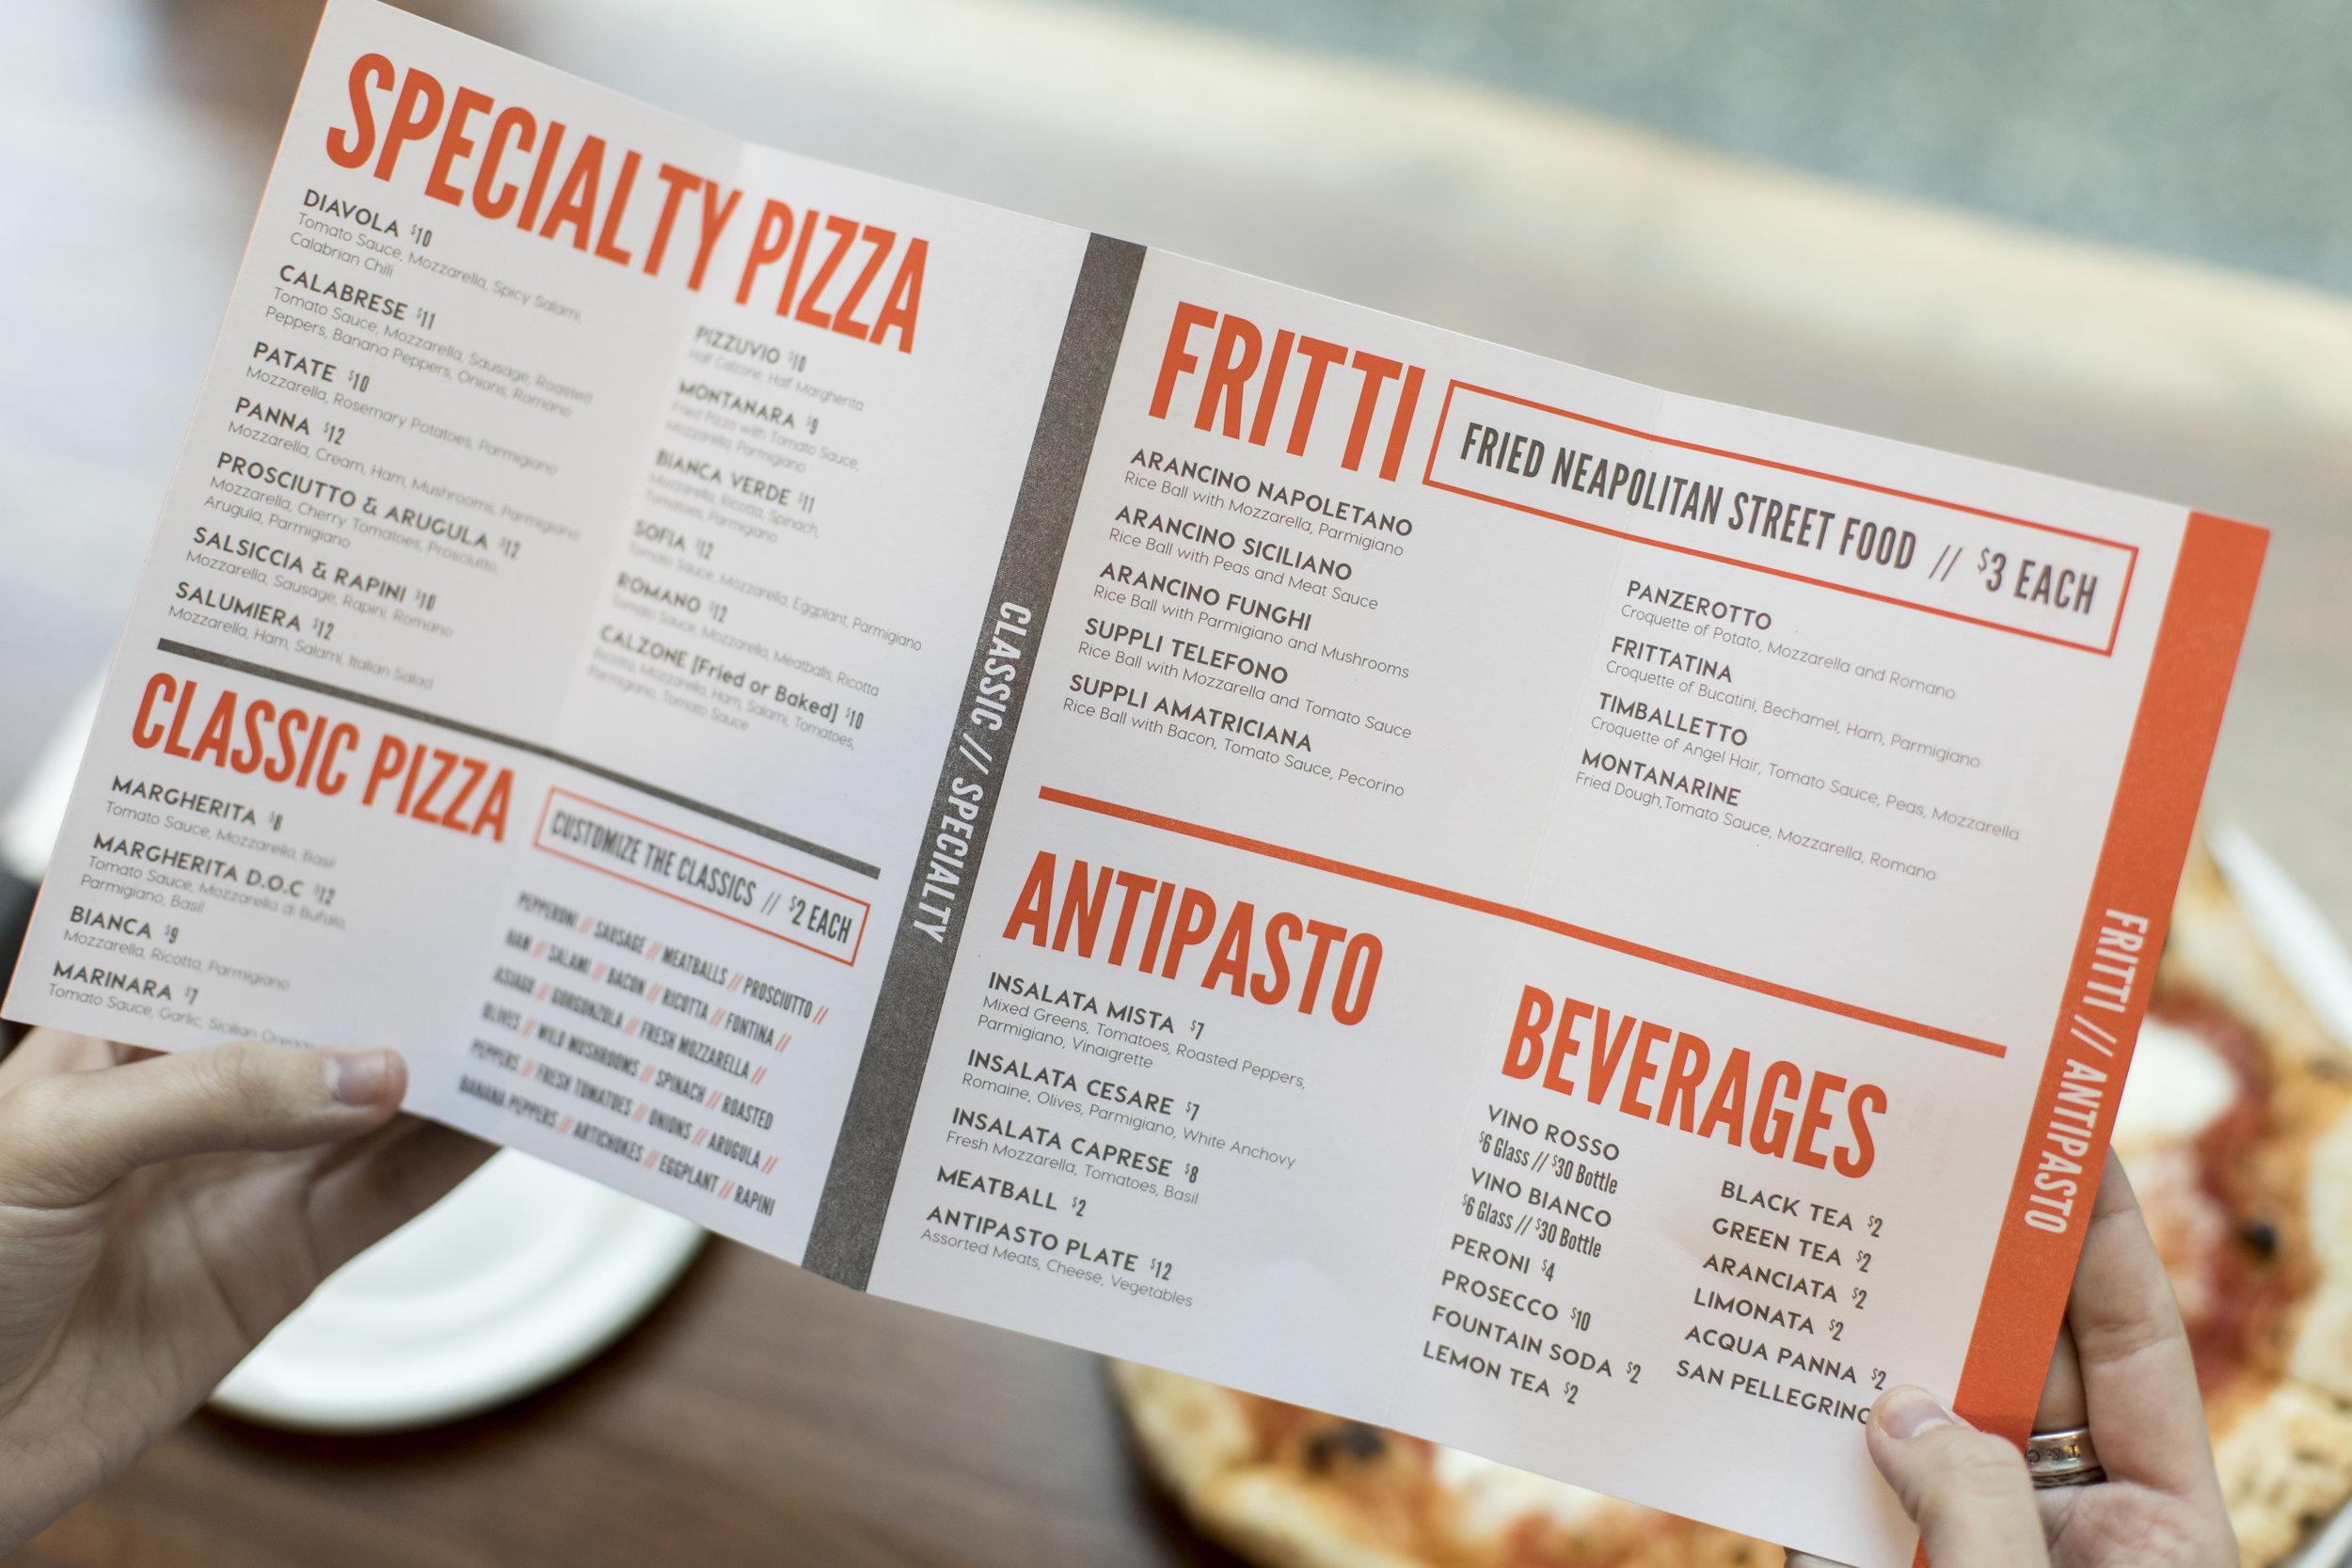 Pizzuvio-19.jpg